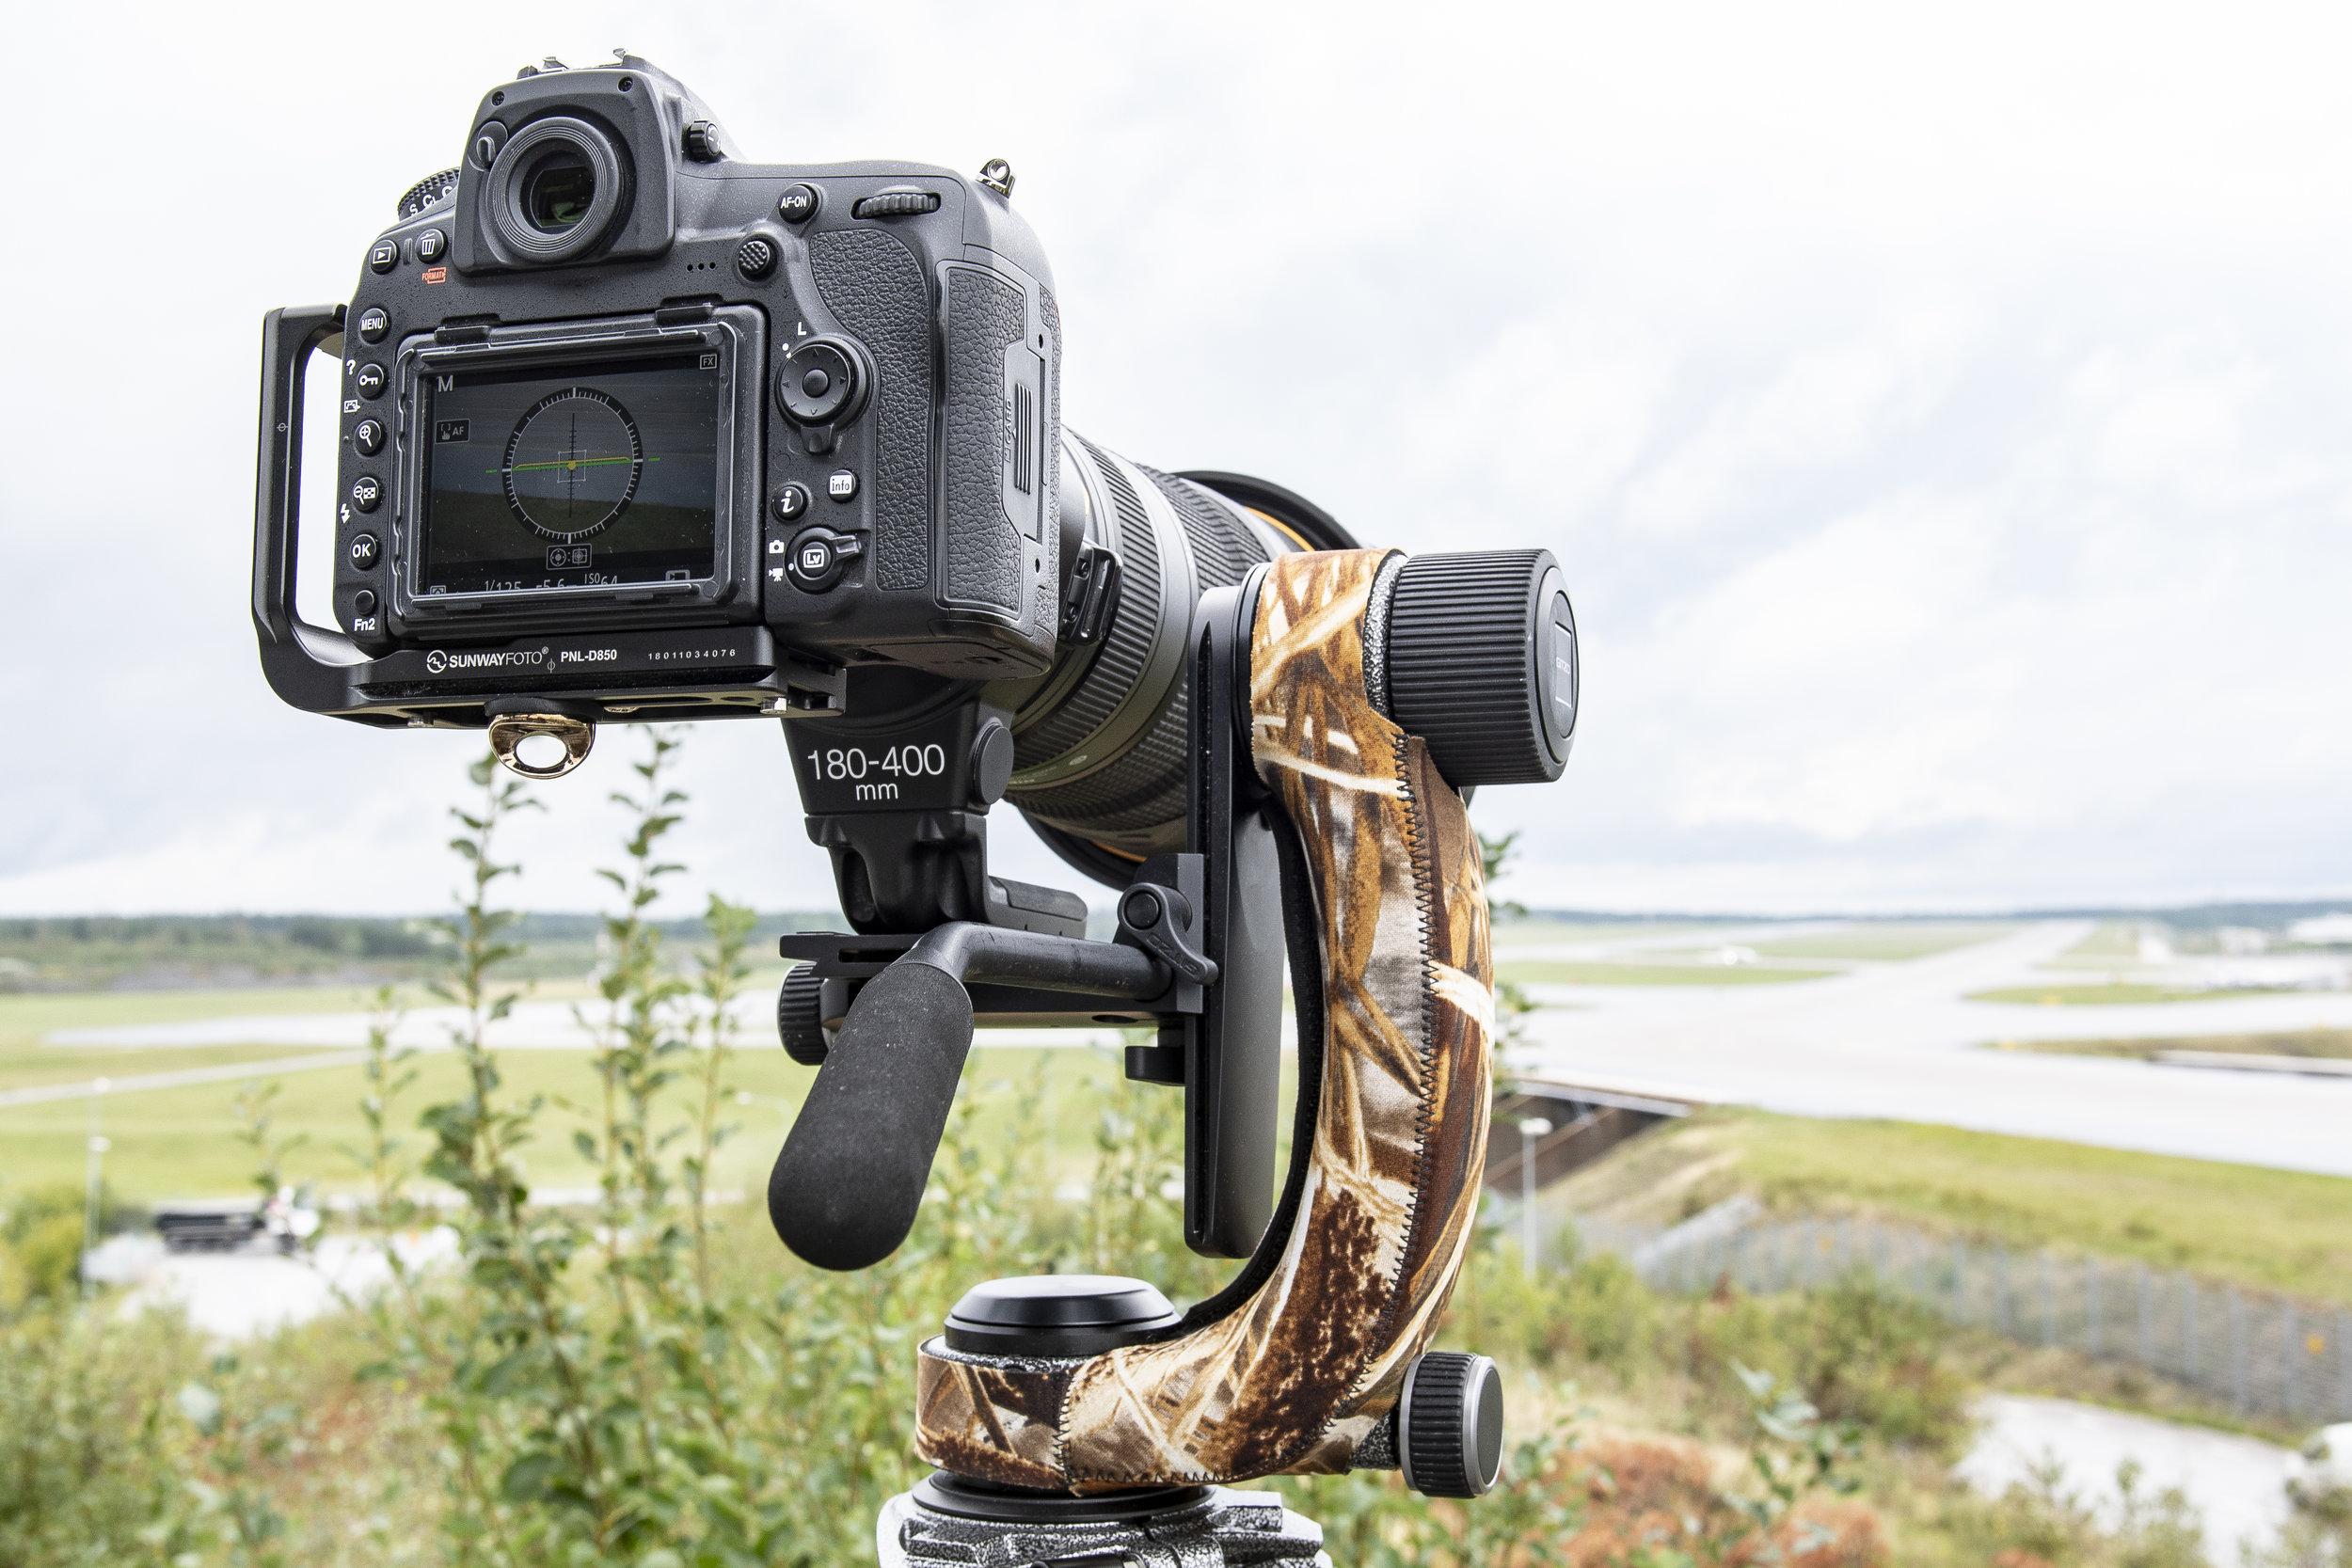 Med Nikon 180-400mm-zoomen förändrades inte balansen vid zoomning. Det gjorde att vi även kunde använda den för att zooma när vi filmade.